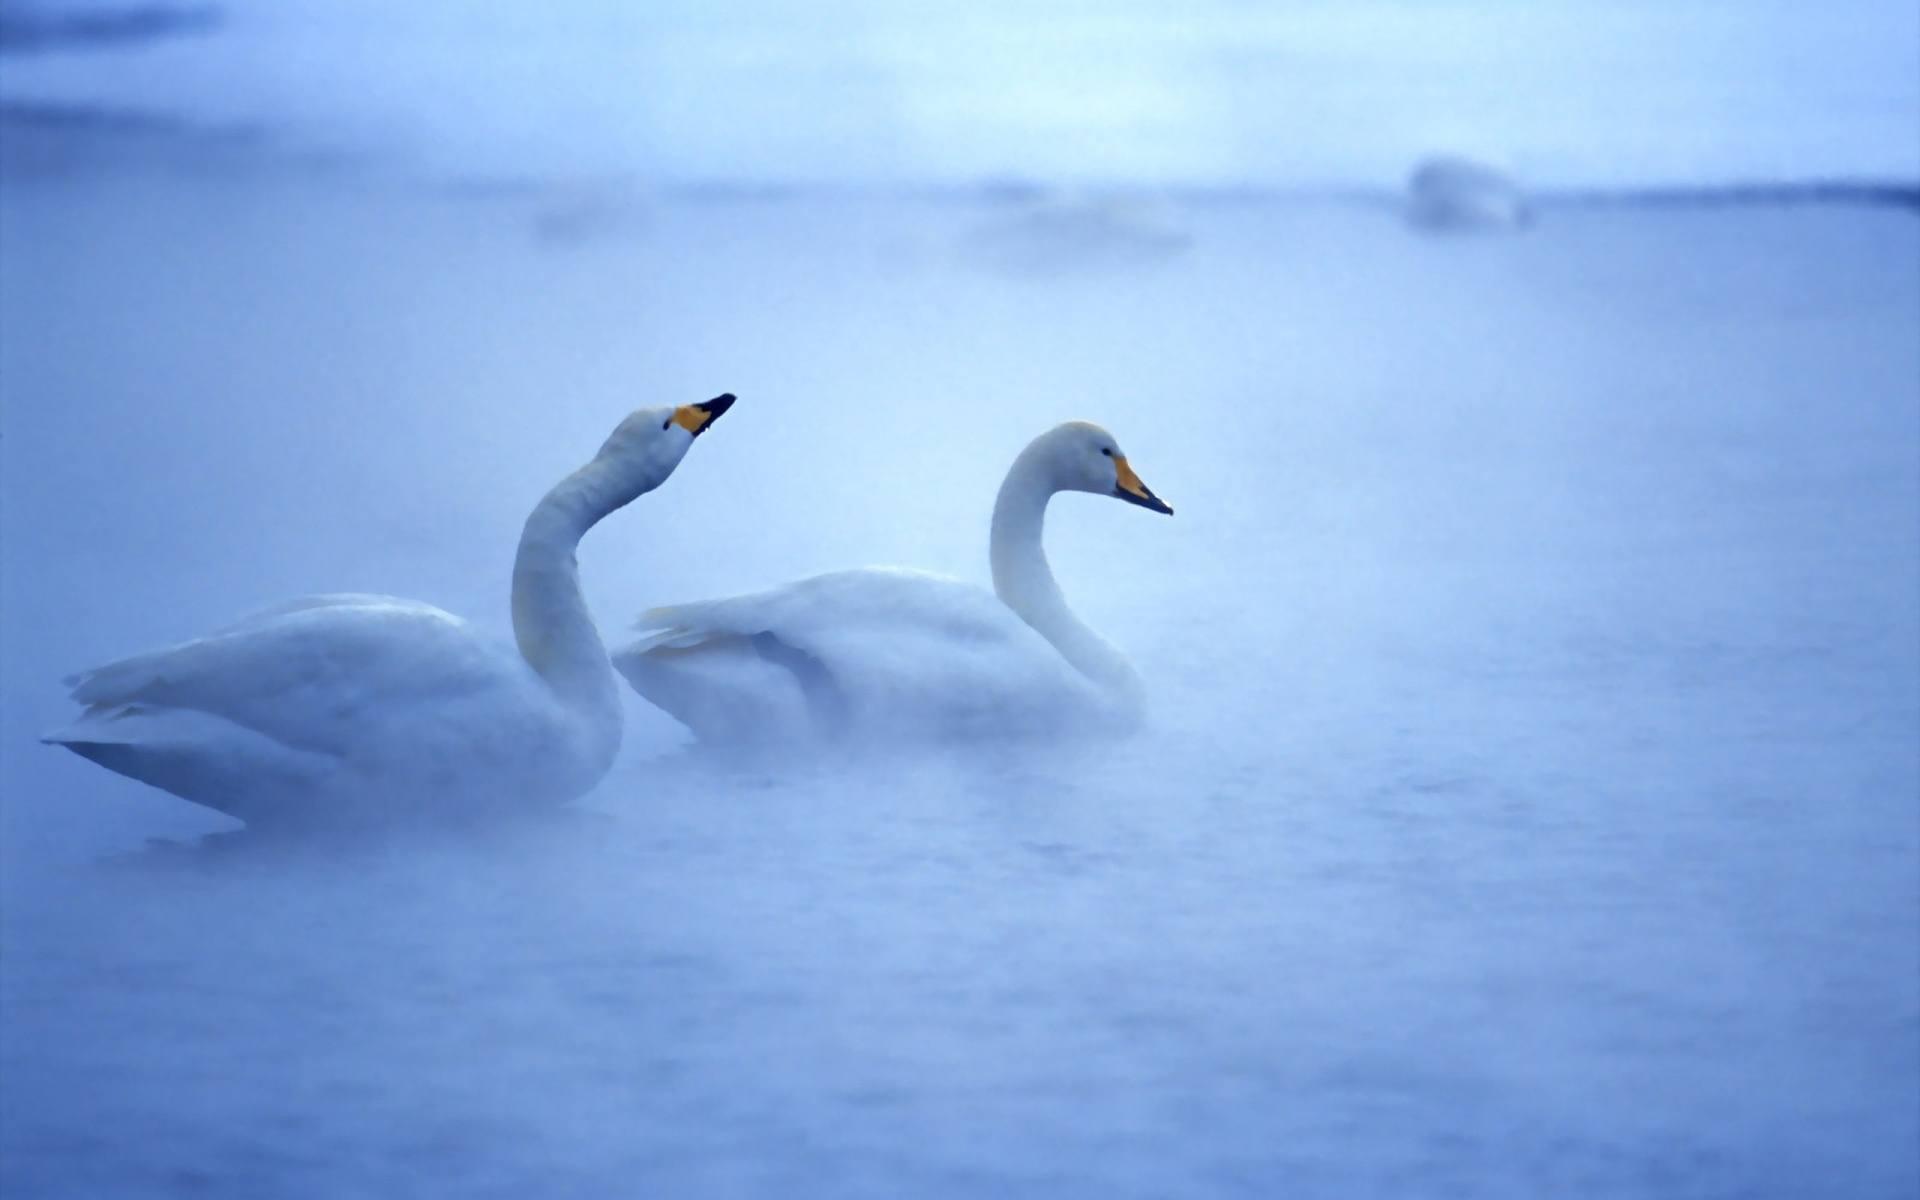 swans-Morning-Fog-1920x1200